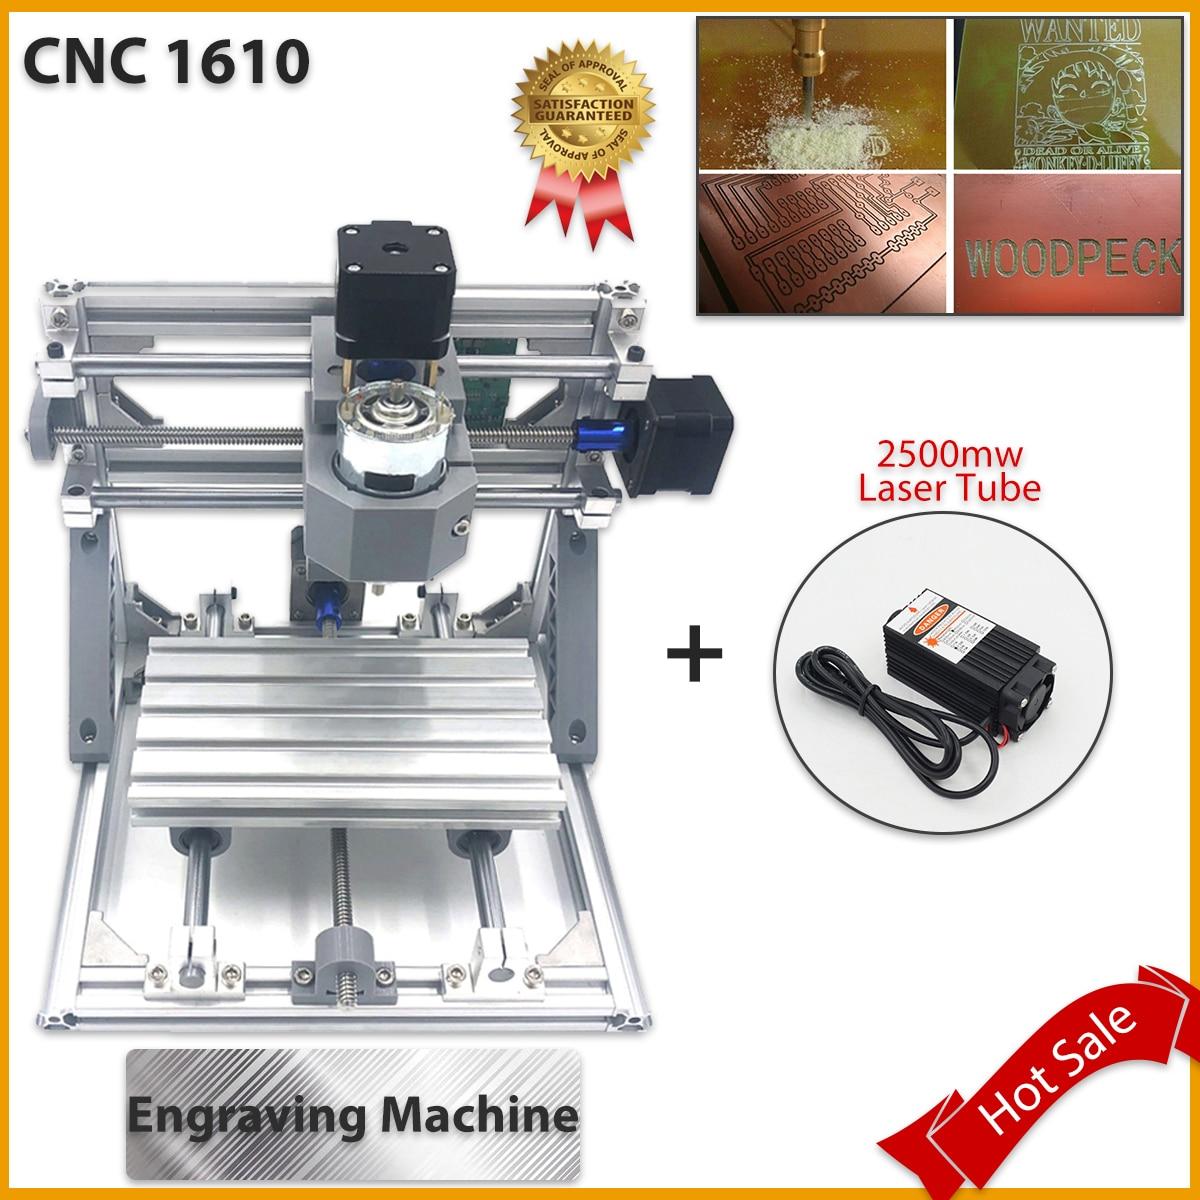 CNC 1610 2500 МВт лазерной трубки древесины маршрутизатор фрезерные машины с ЧПУ, комплект дерева маршрутизатор лазерная гравировка машины